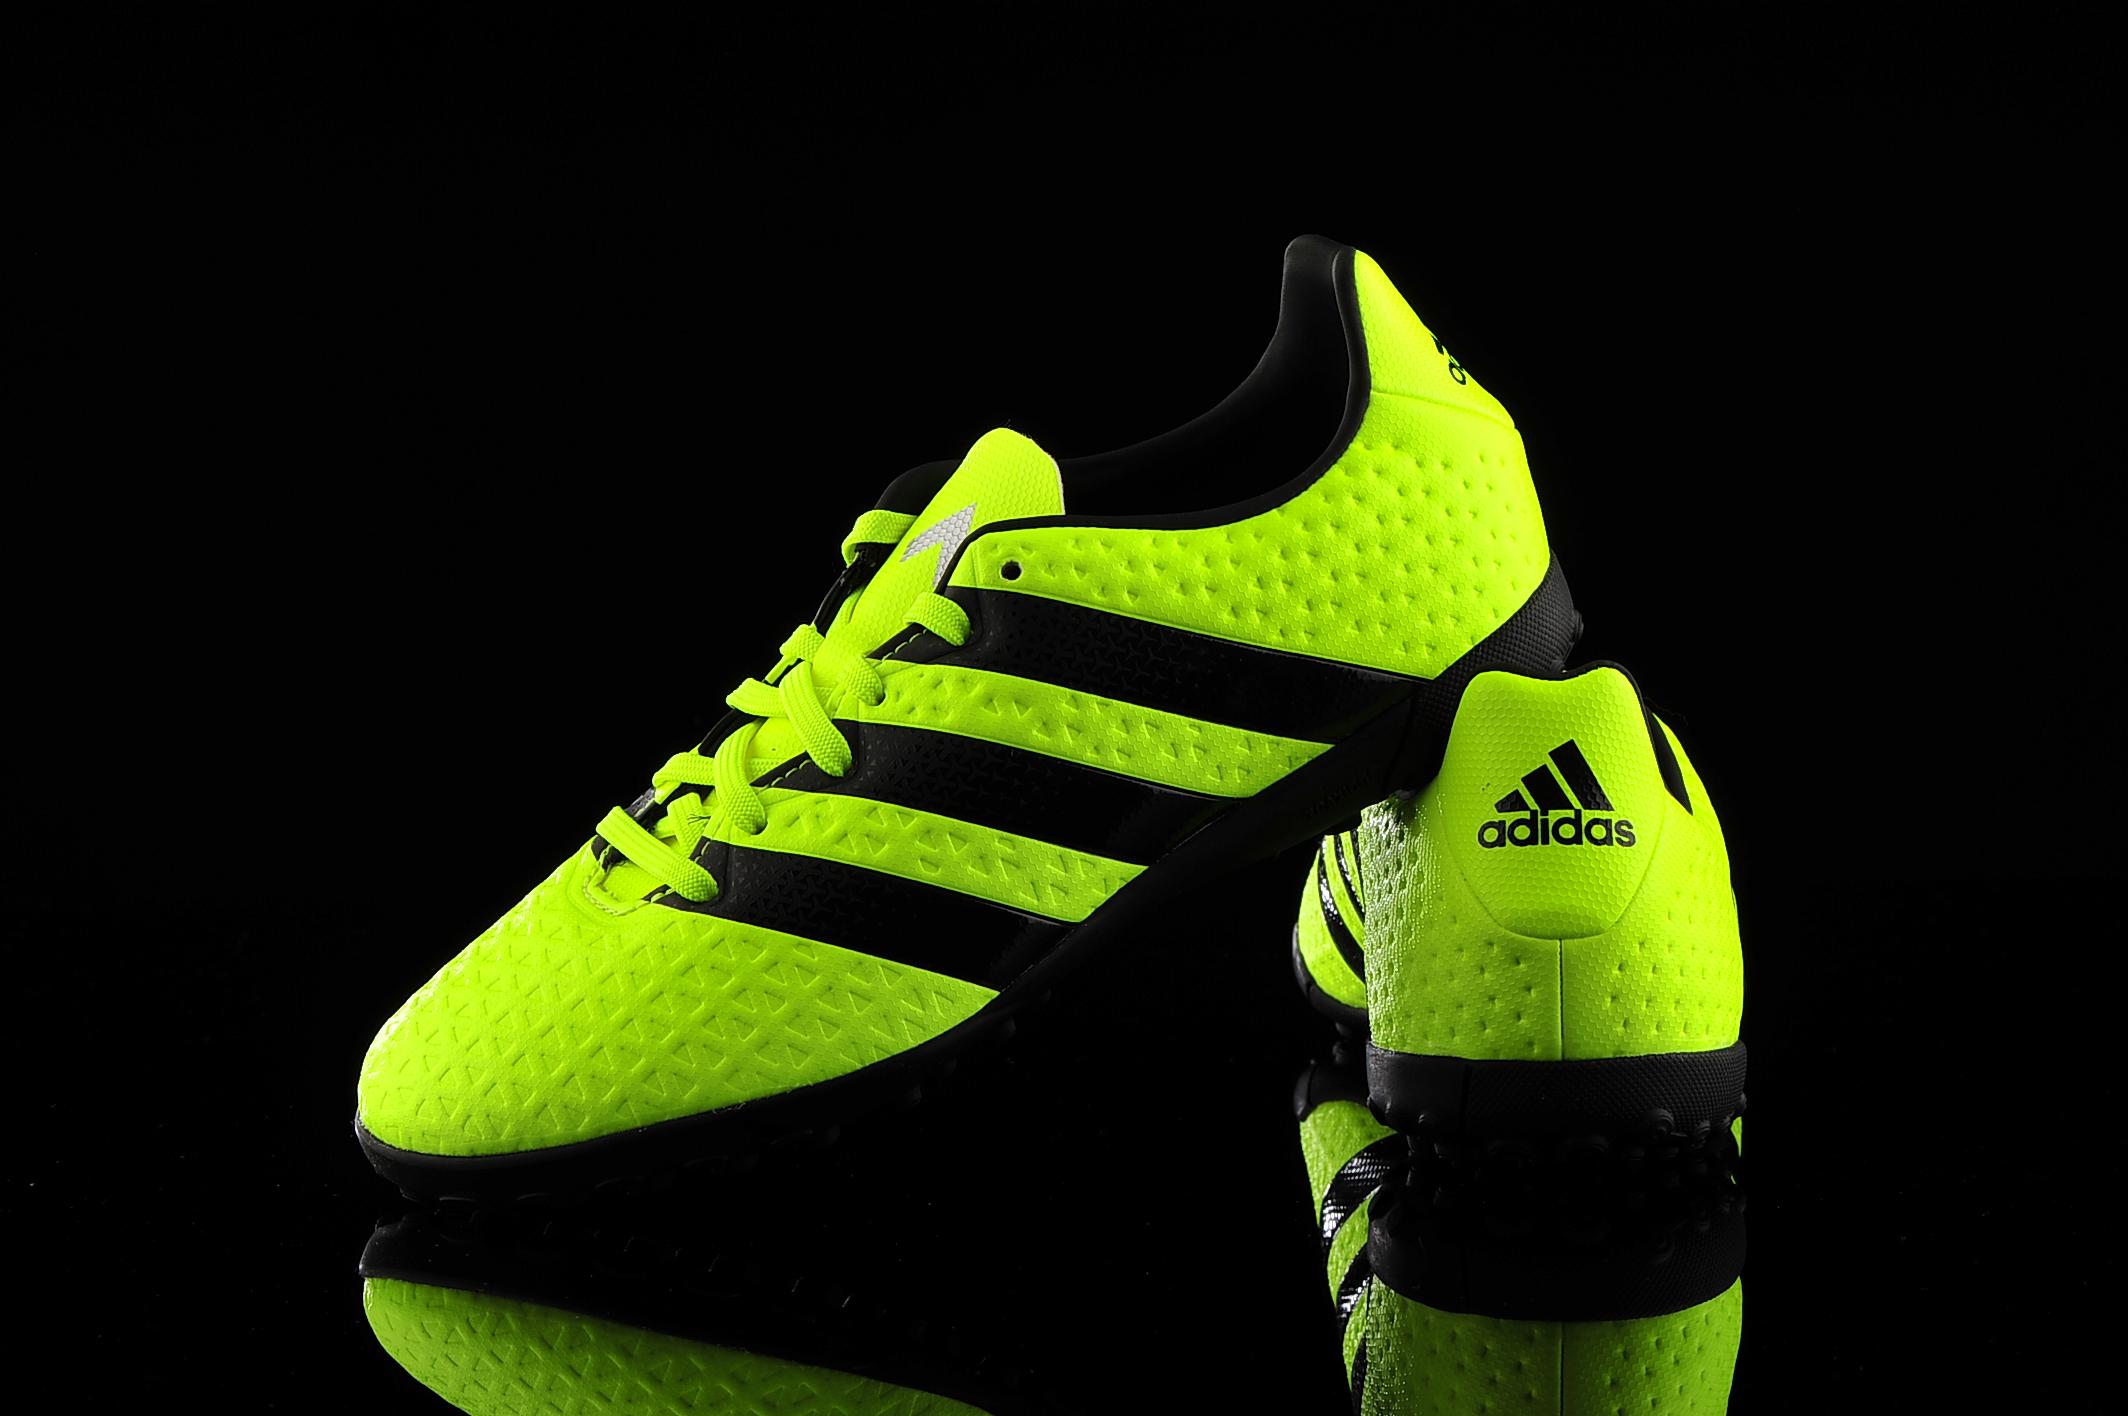 caliente perjudicar comentarista  adidas ACE 16.4 TF Junior S31982 | R-GOL.com - Football boots & equipment